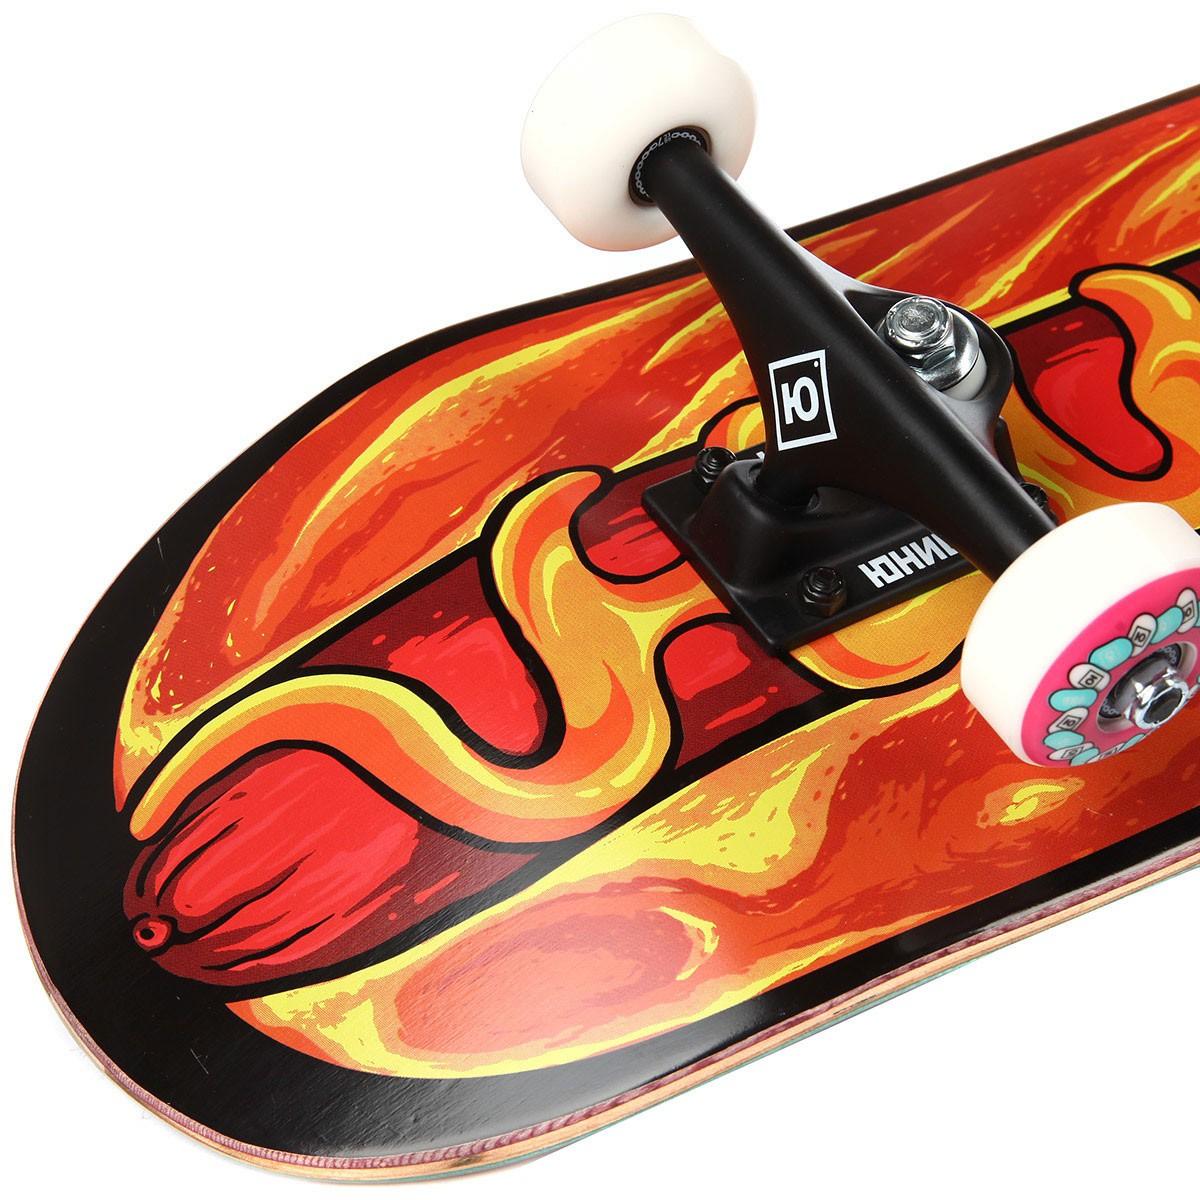 """Скейт в сборе ЮНИОН HOTCAT, 8.125""""x31.75"""""""